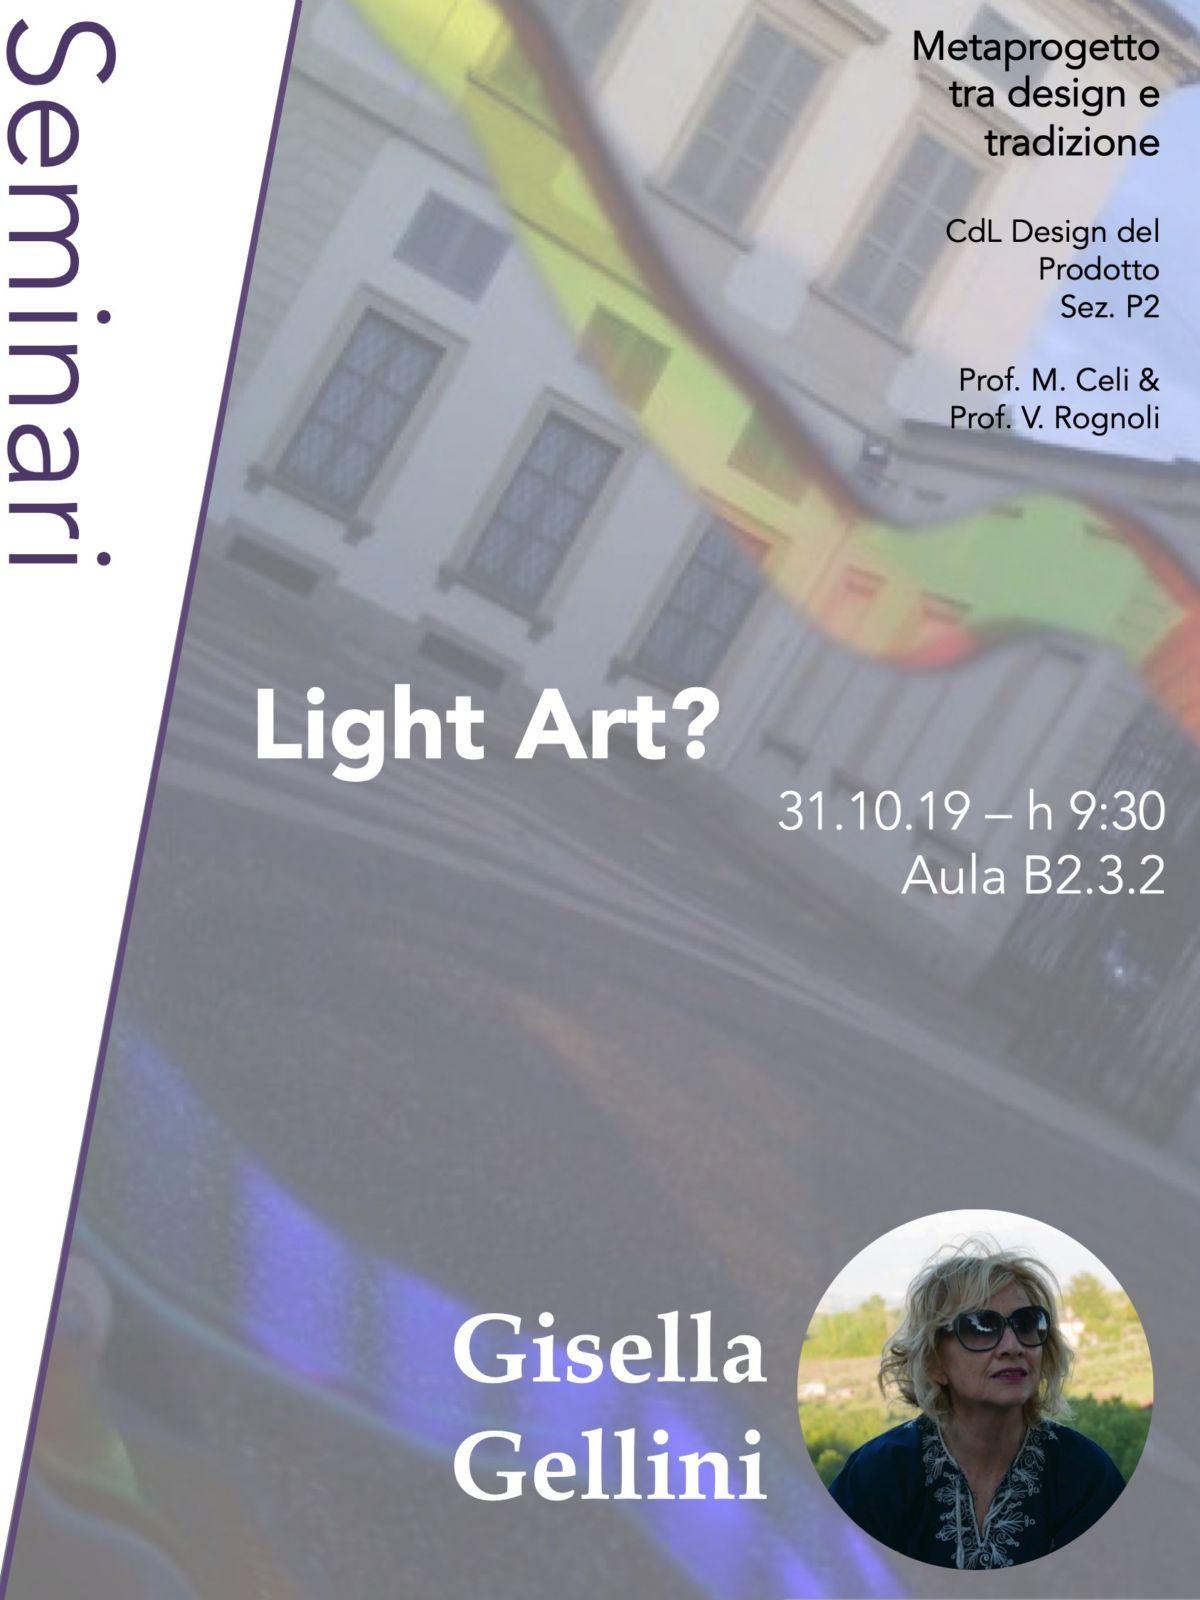 Metaprogetto tra design e tradizione | Lezione 31 ottobre 2019 | Gisella Gellini